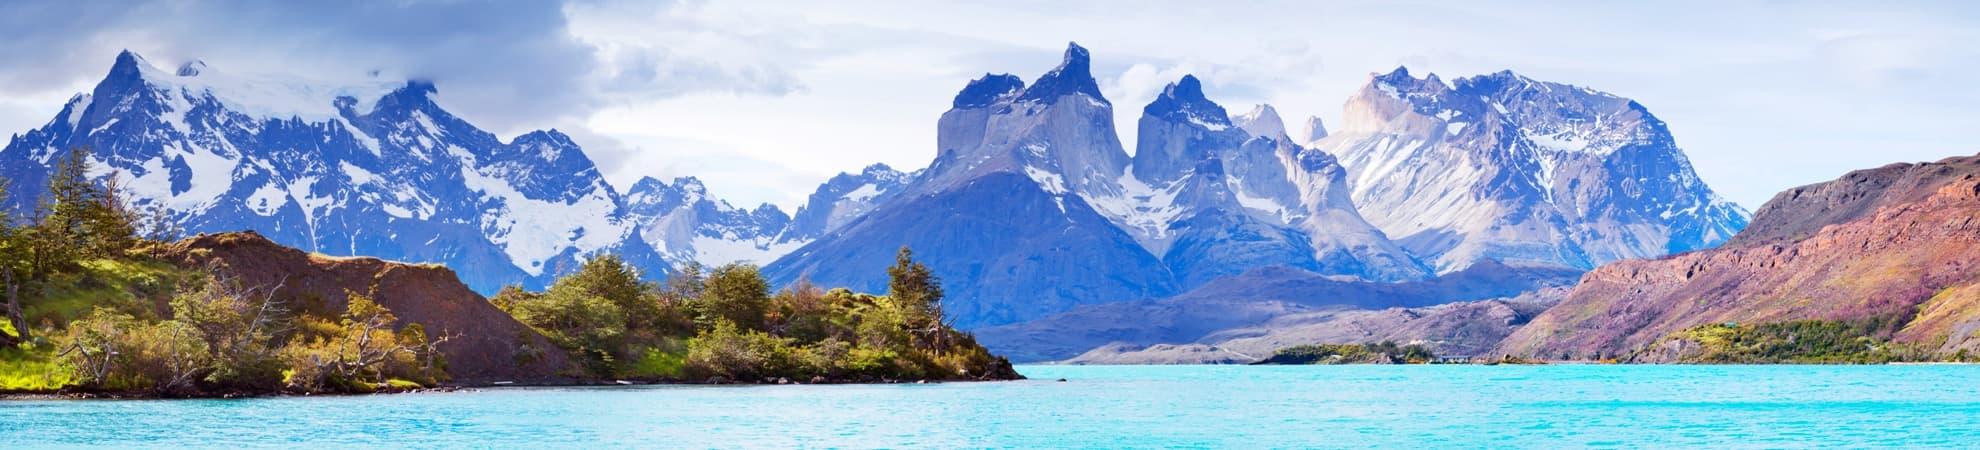 Voyage Patagonie: Marco Vasco